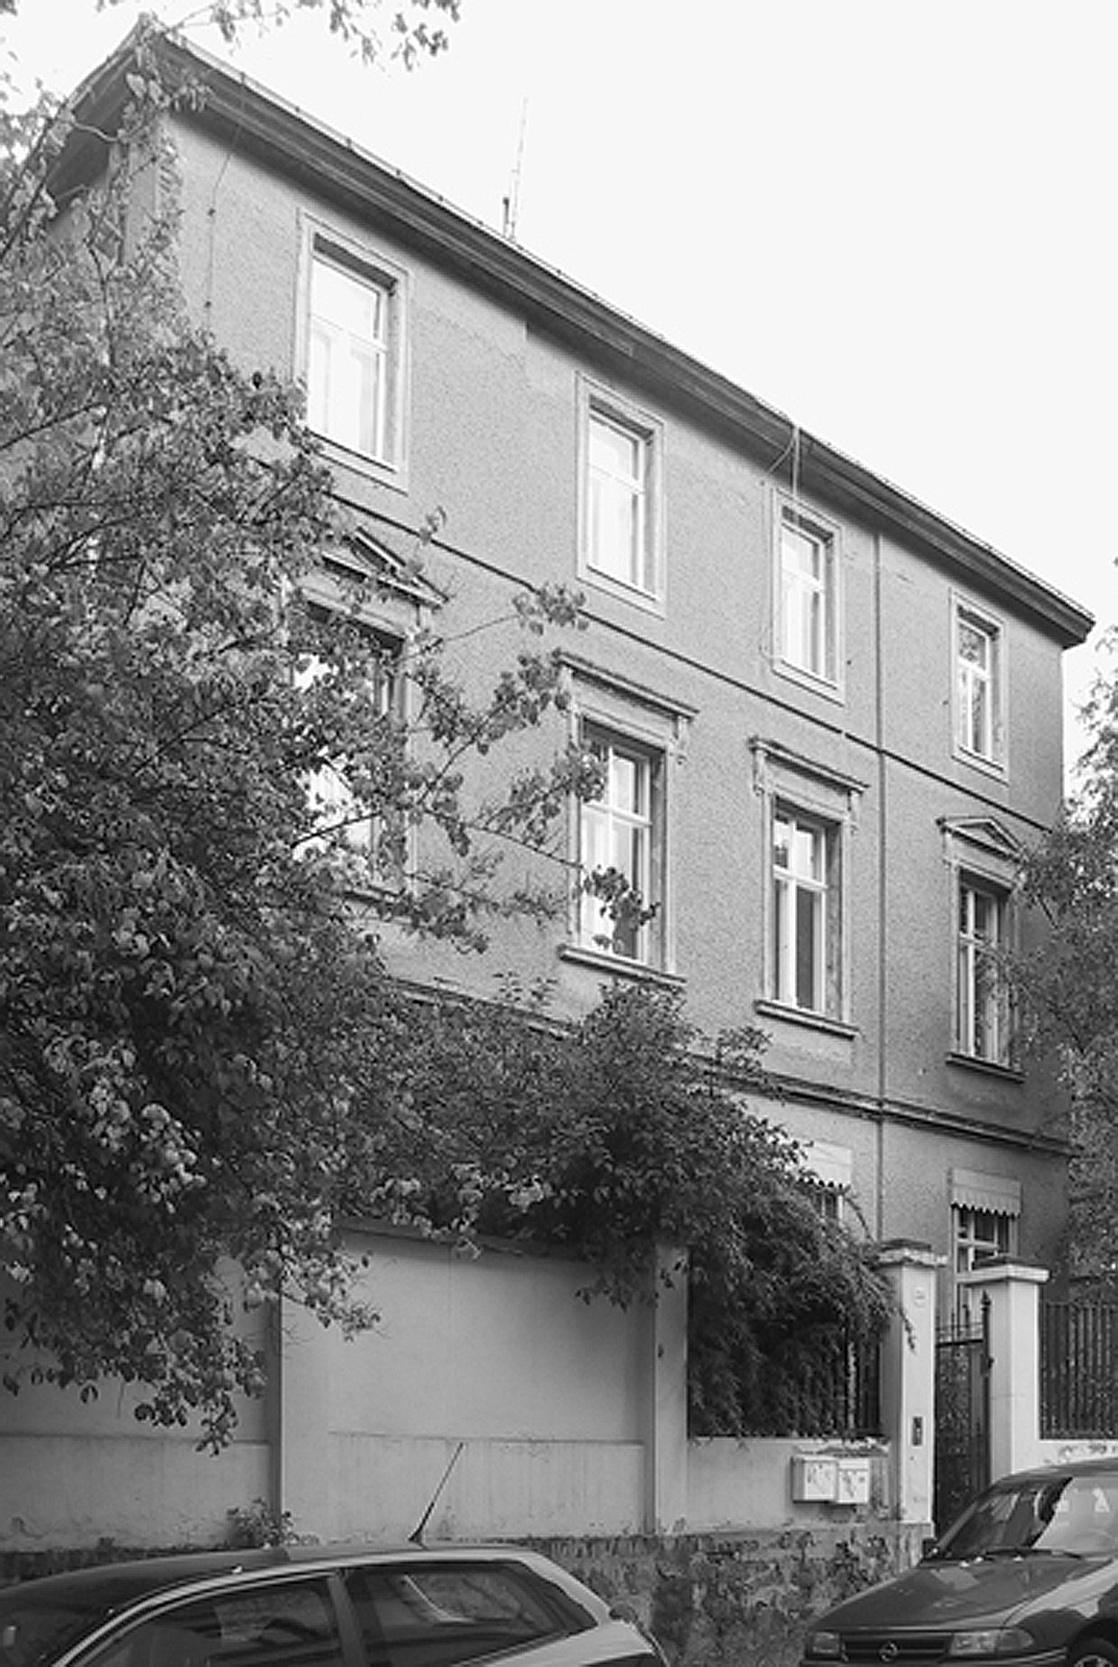 Die Bauruine wirkt seit DDR-Zeiten charakterlos und verwahrlost.